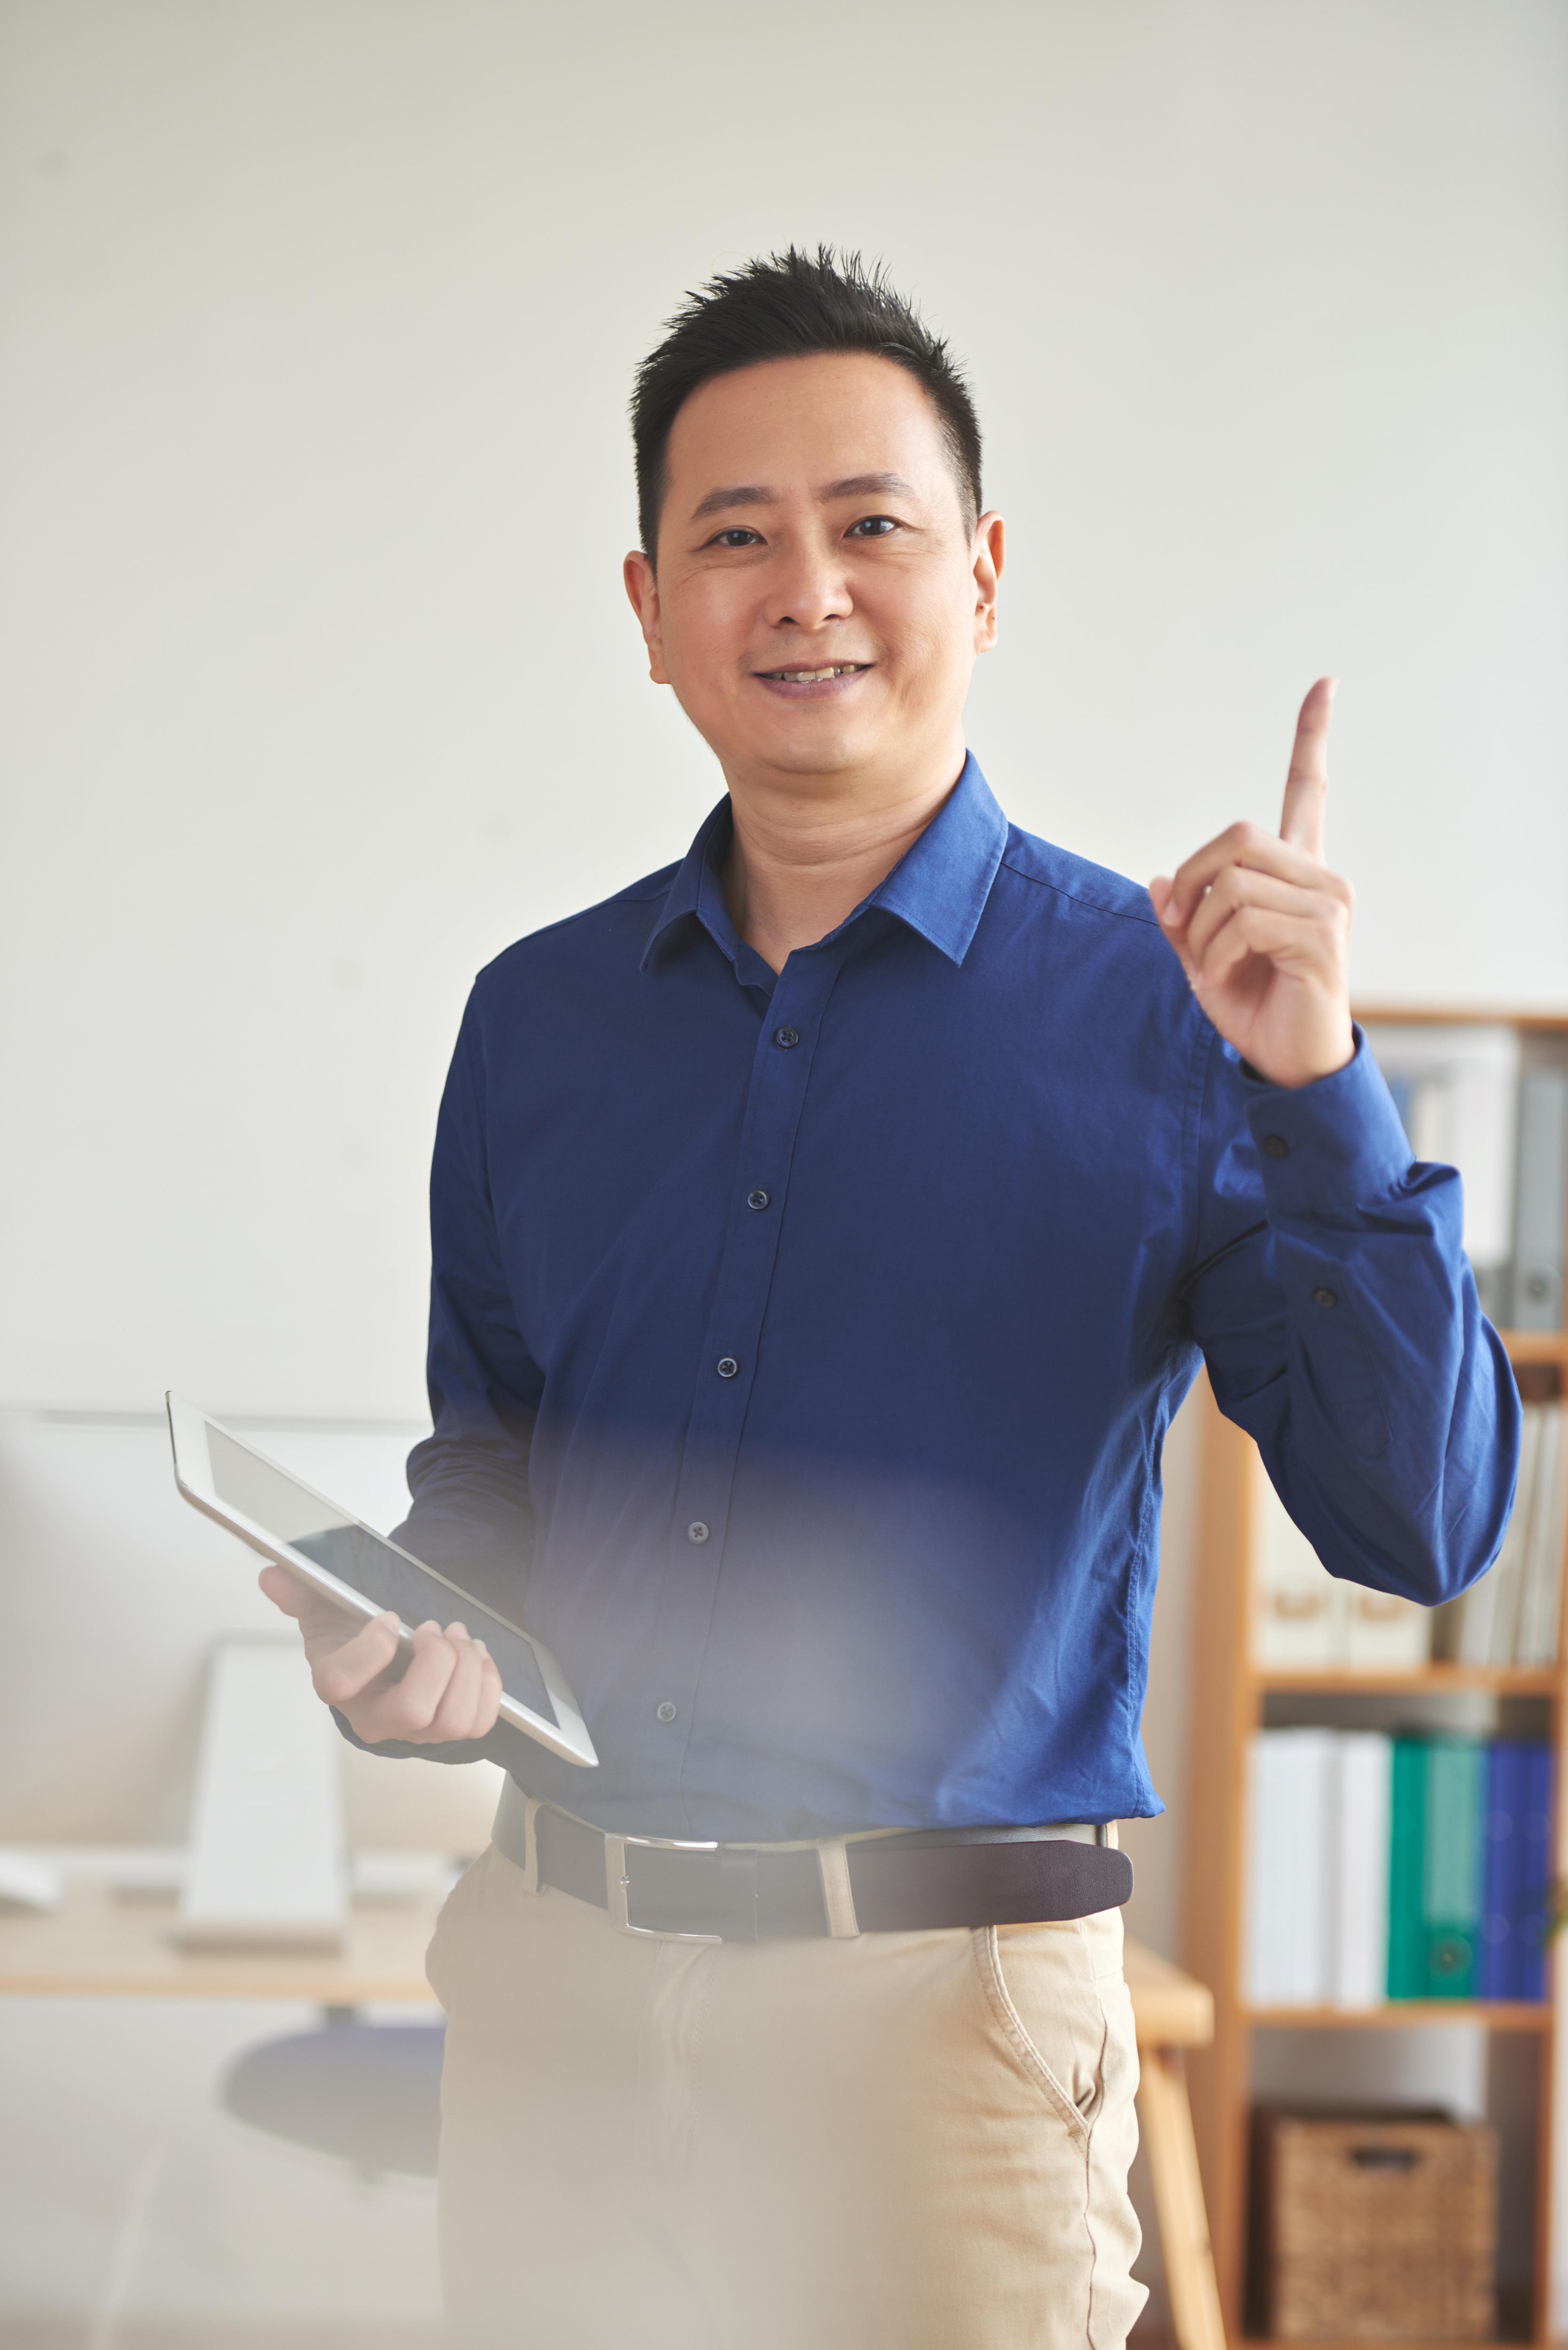 Portraint un homme d'affaires asiatique souriant pointant un doigt vers le haut signalant la découverte d'une idée